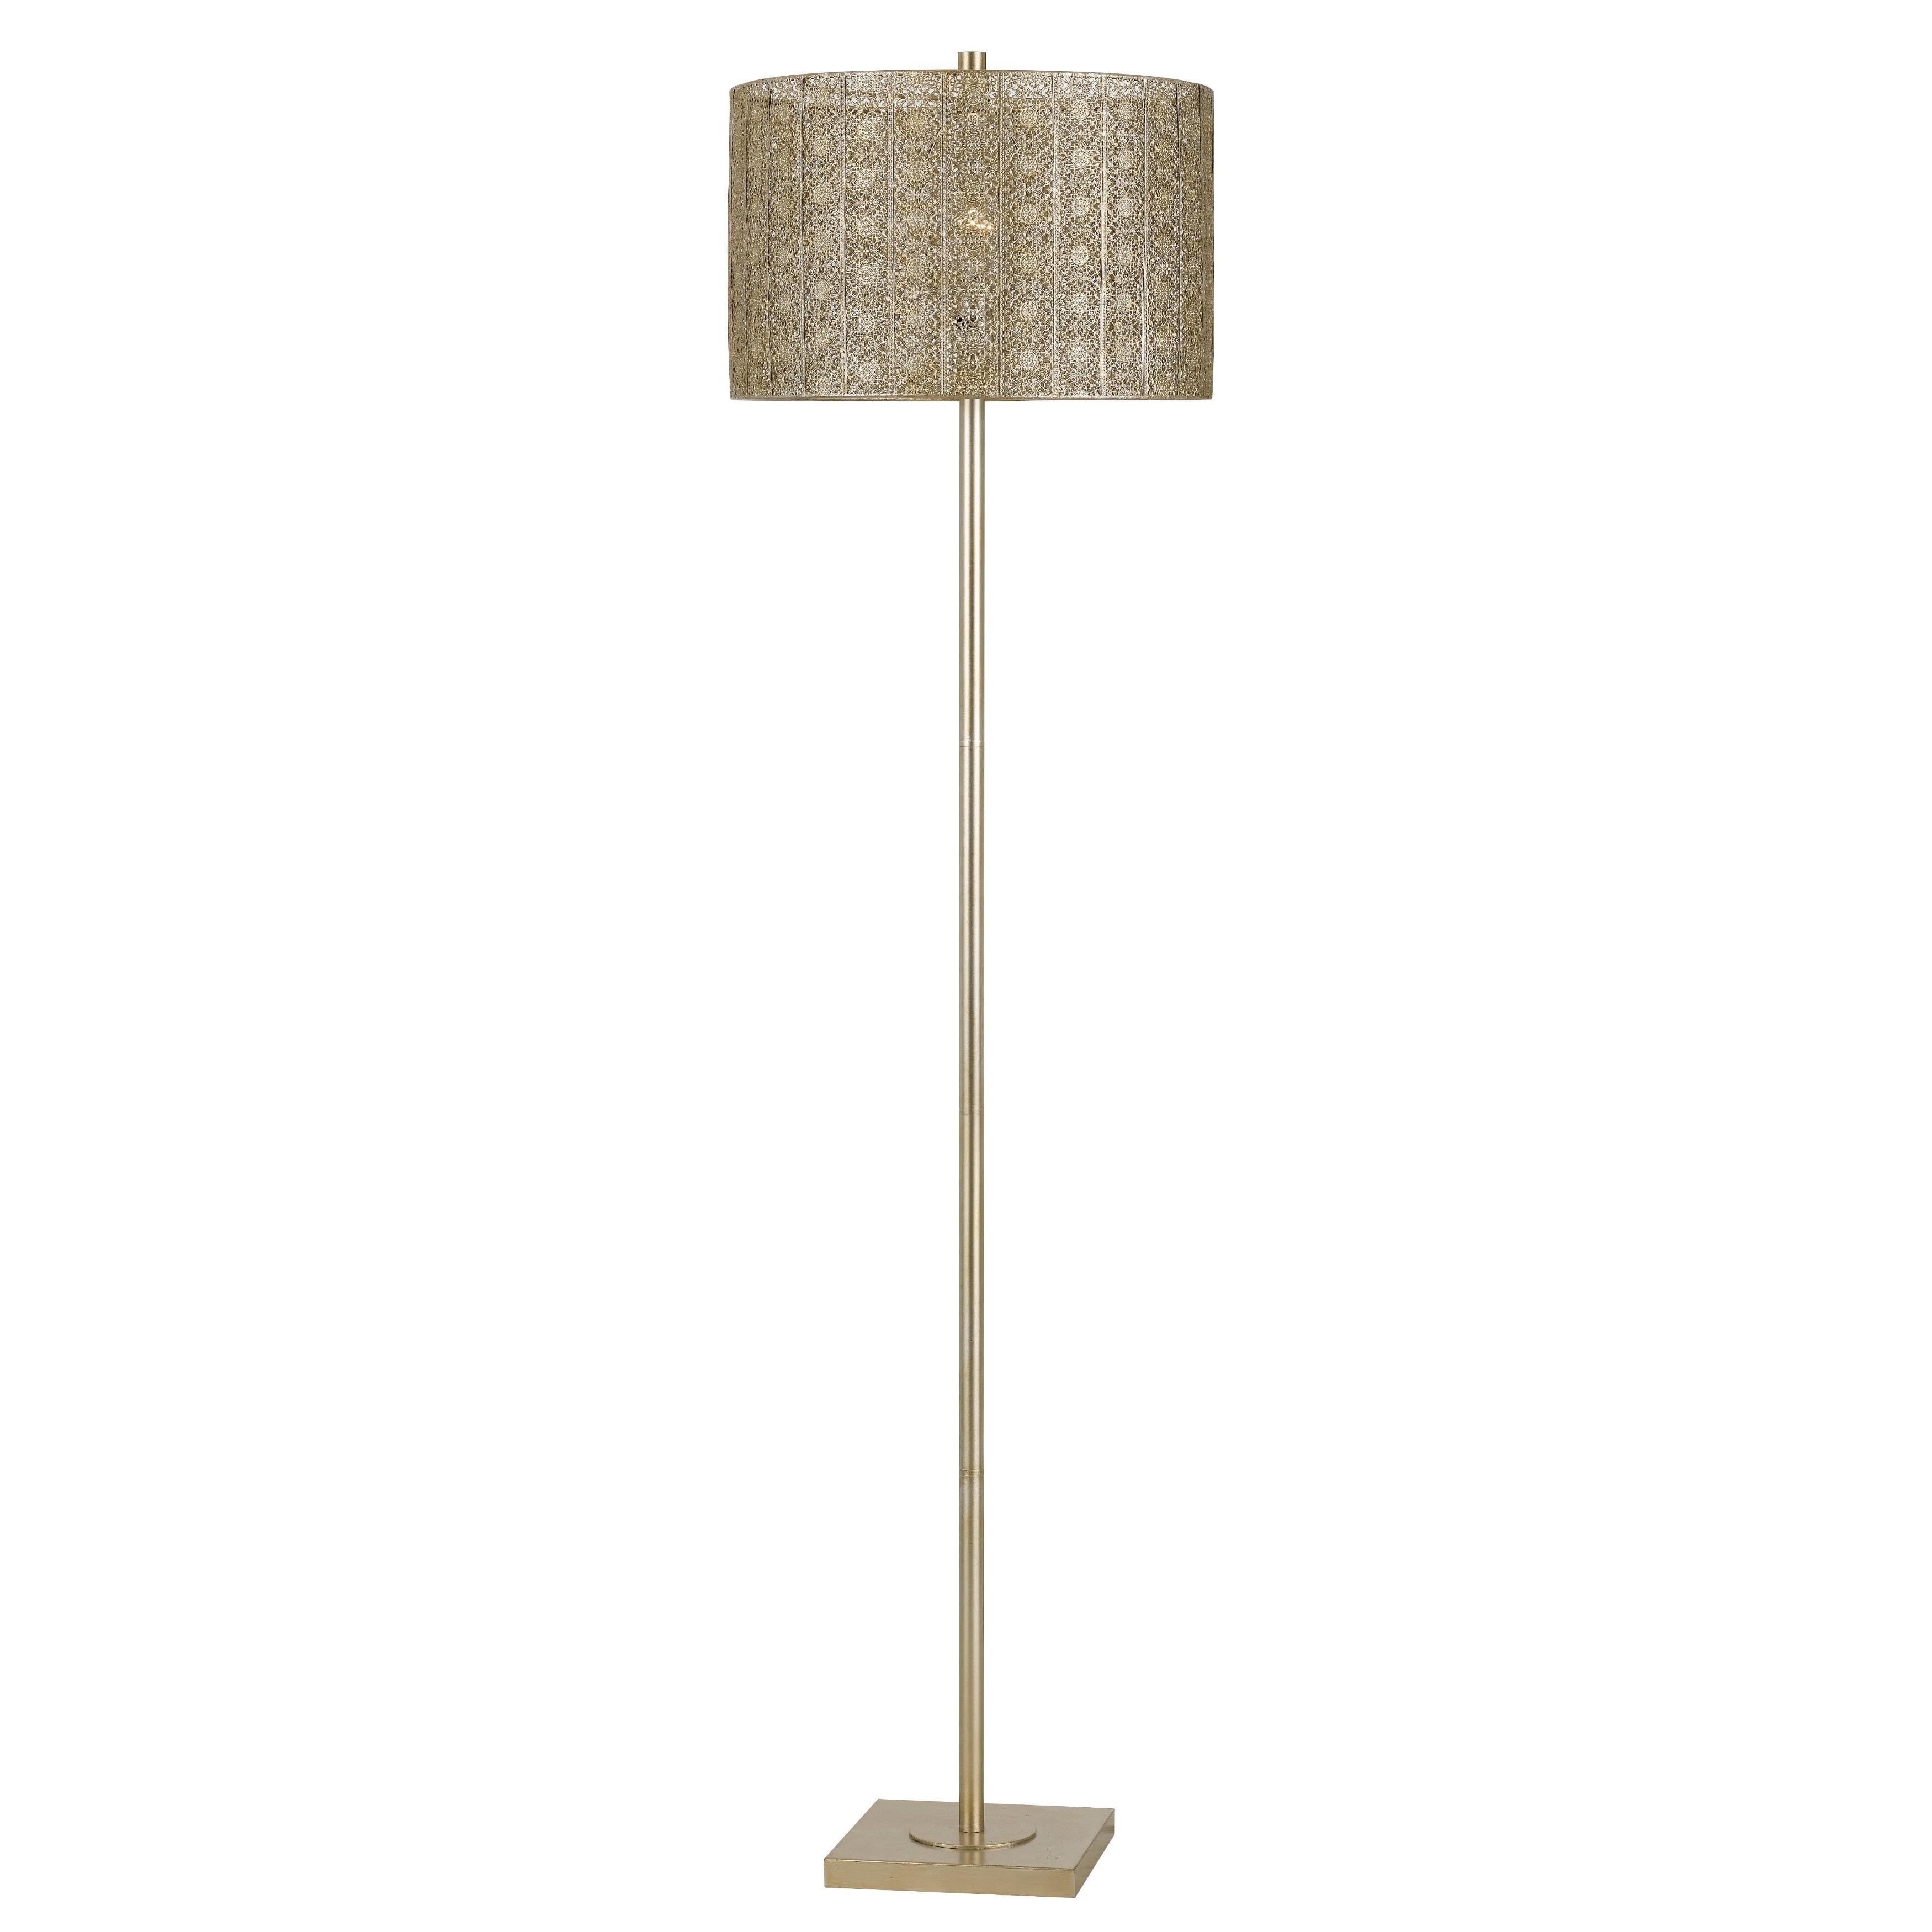 150 watt falfurrias floor lamp ebay for 150 watt floor lamp